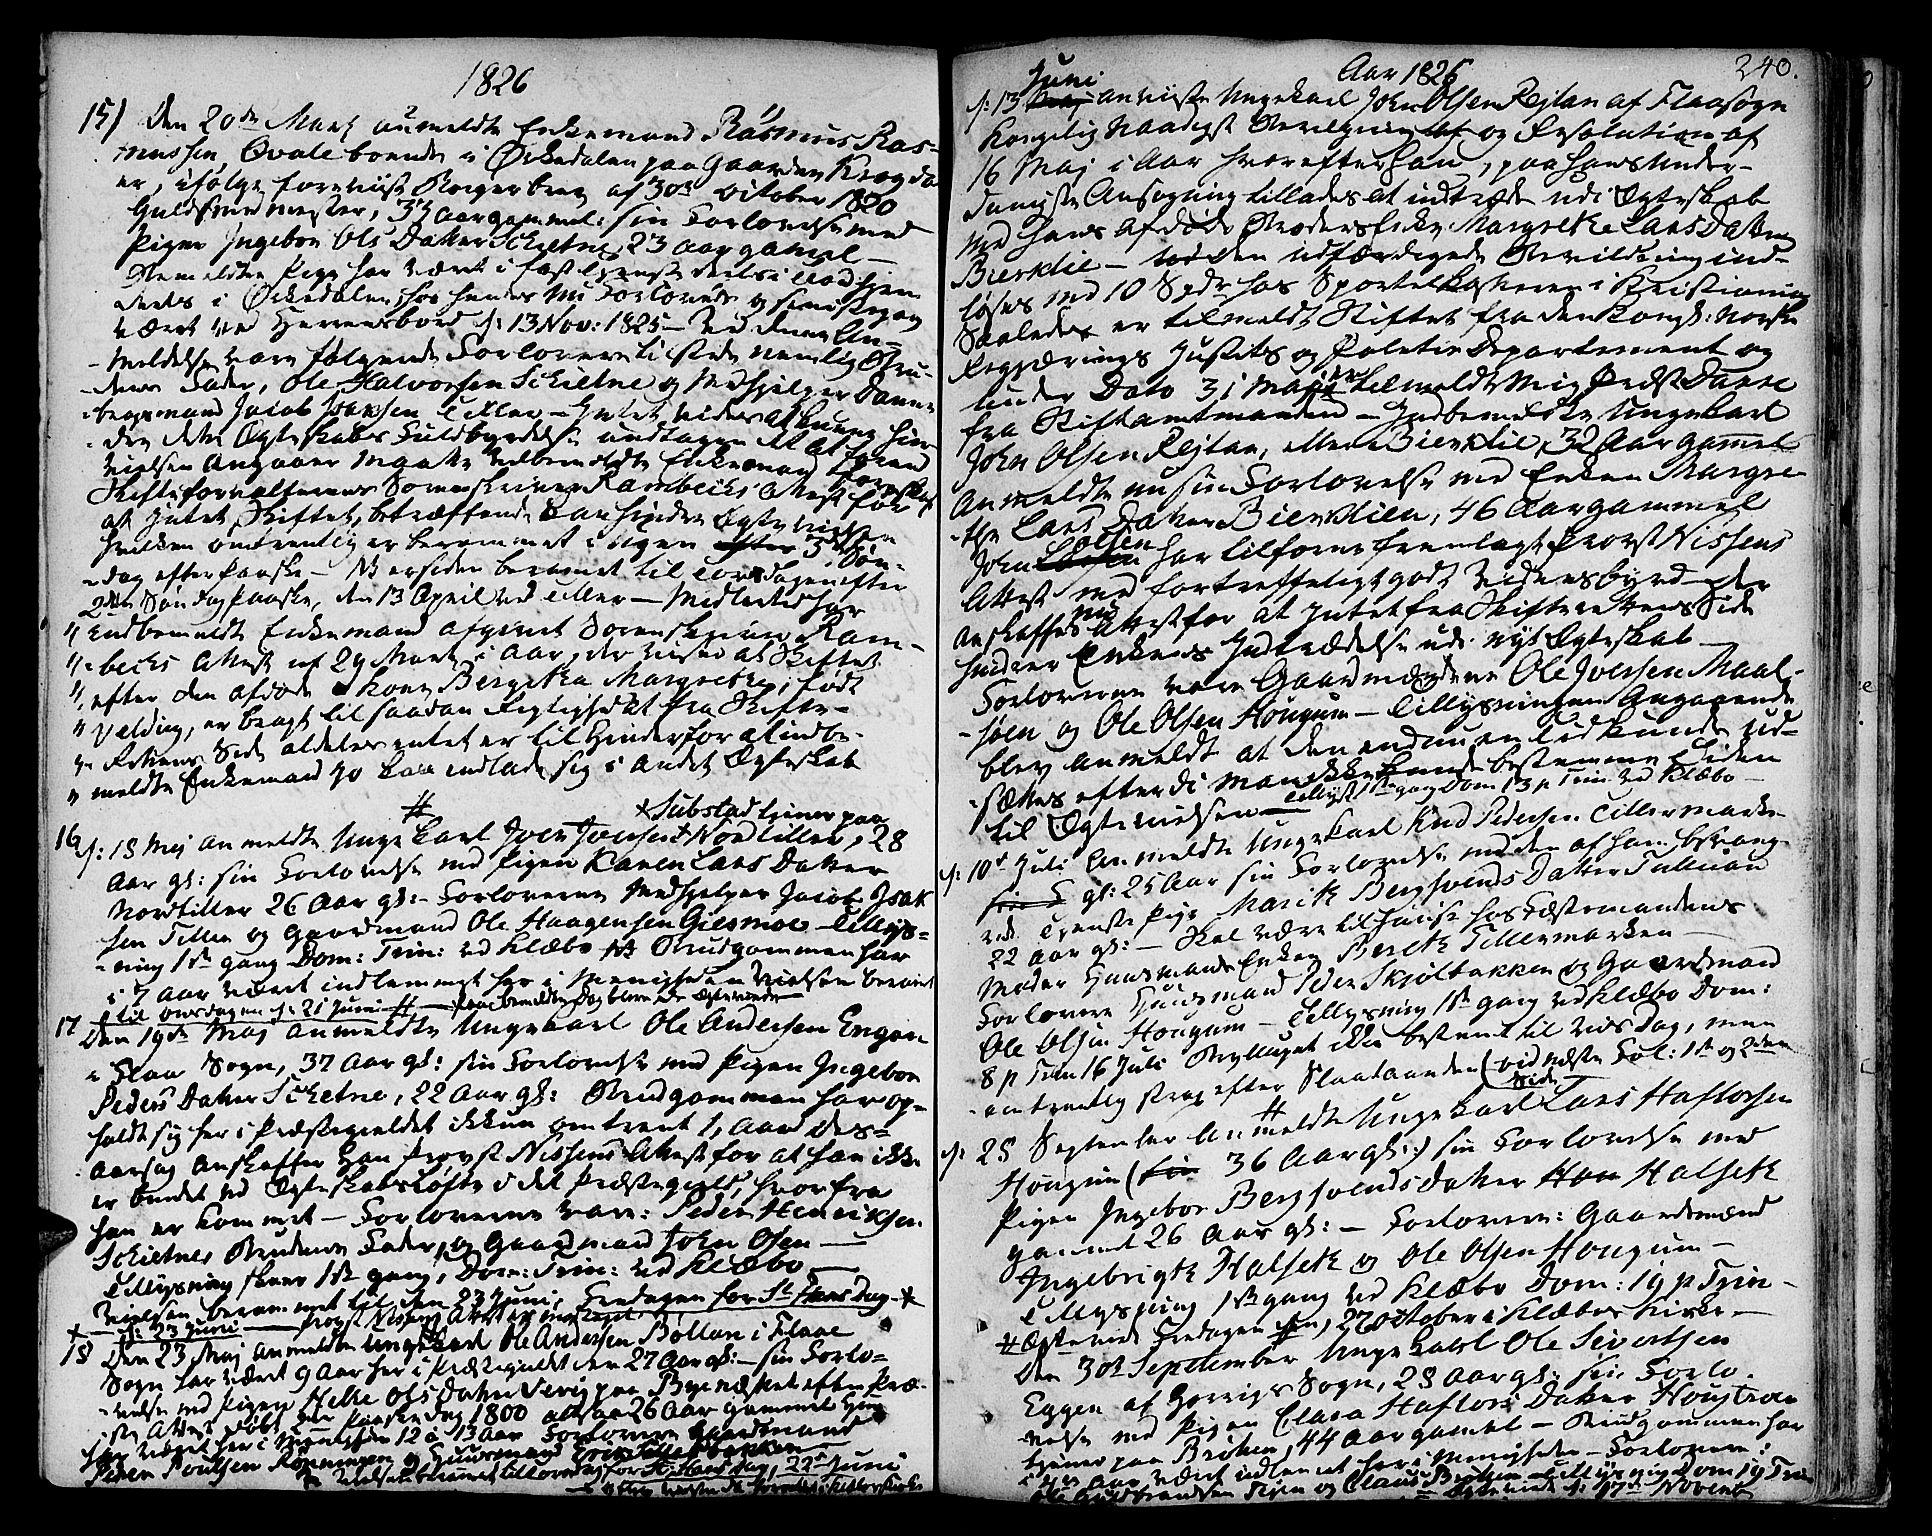 SAT, Ministerialprotokoller, klokkerbøker og fødselsregistre - Sør-Trøndelag, 618/L0438: Ministerialbok nr. 618A03, 1783-1815, s. 240